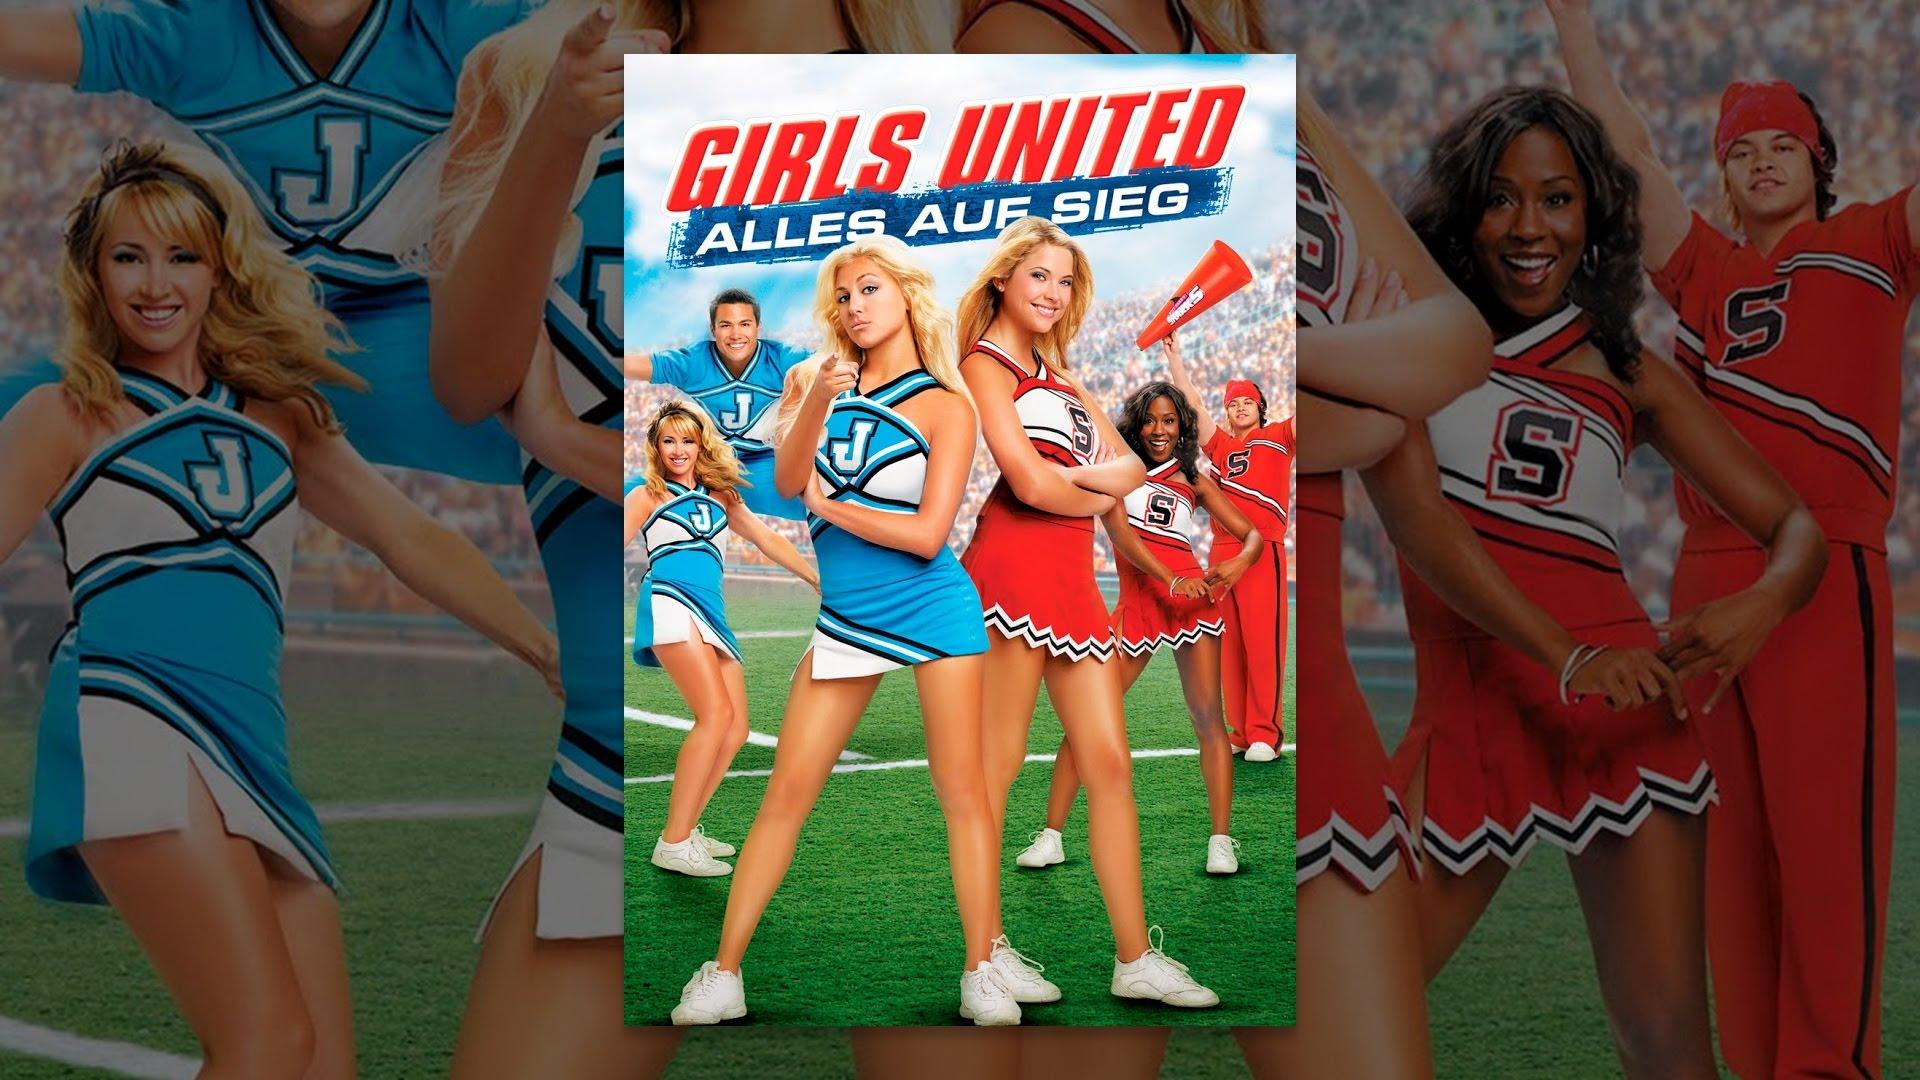 Girls United: Alles Auf Sieg